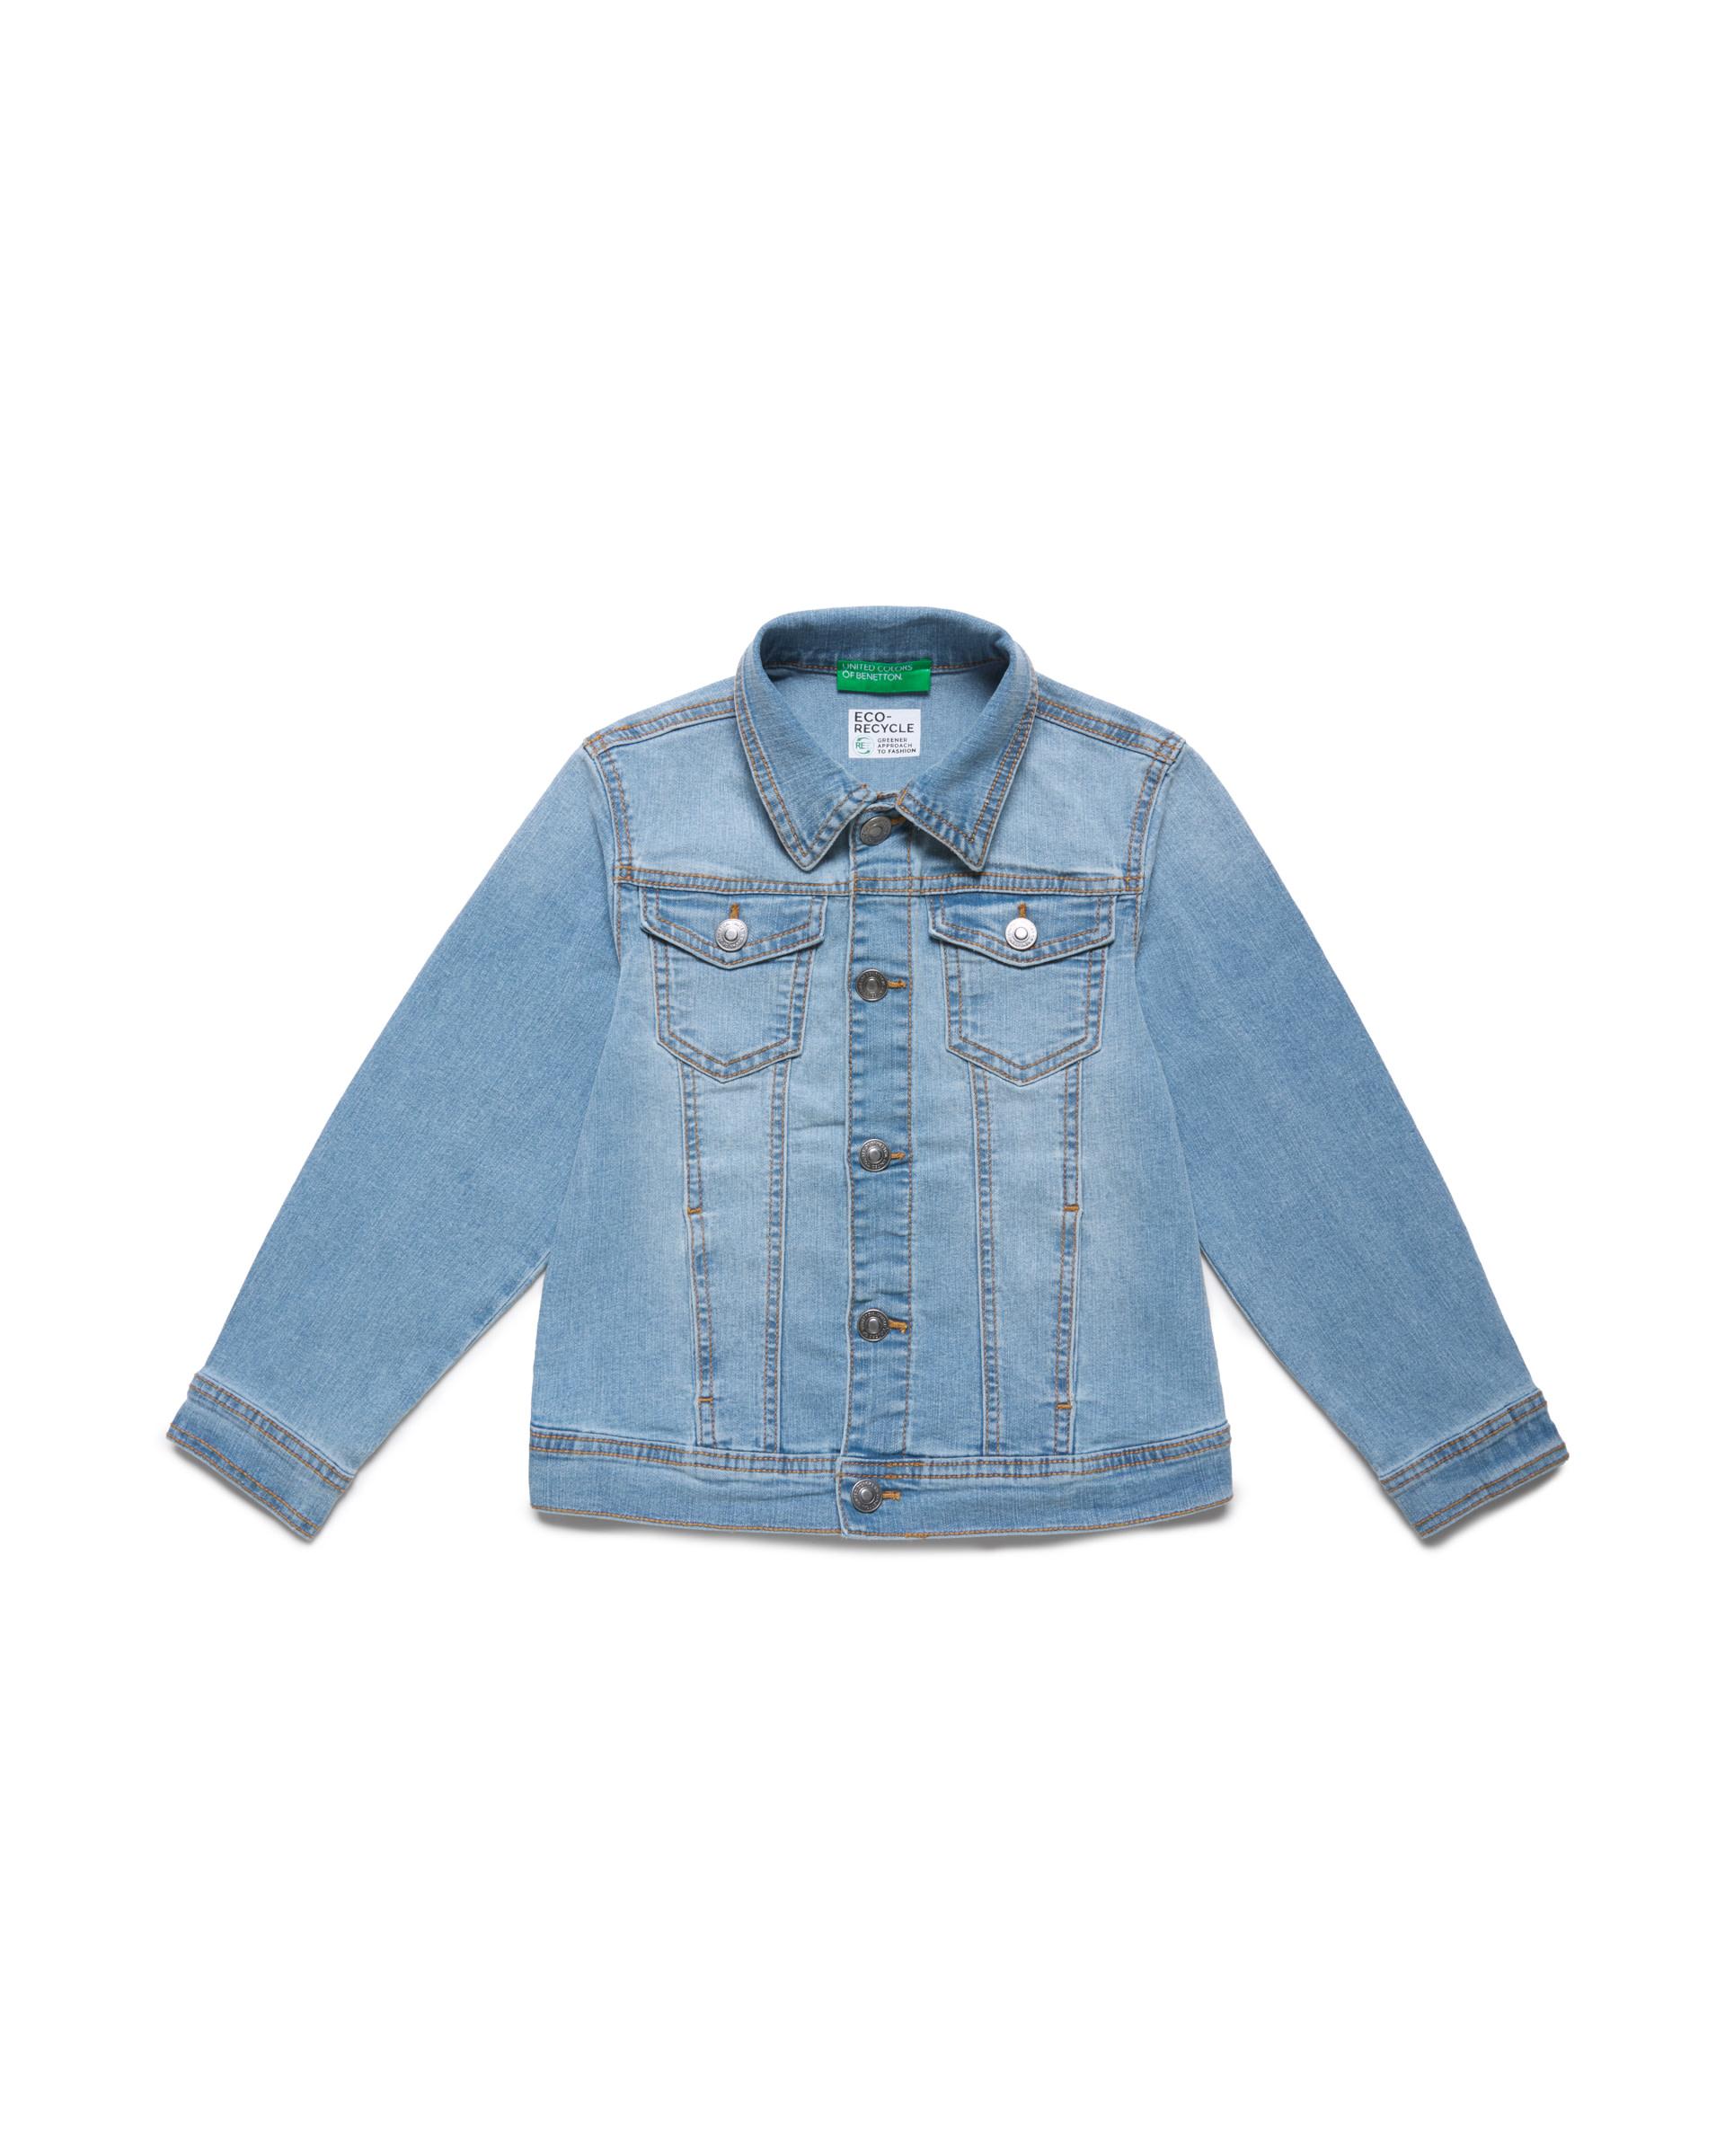 Купить 20P_2XA253HM0_902, Джинсовая куртка для мальчиков Benetton 2XA253HM0_902 р-р 158, United Colors of Benetton, Куртки для мальчиков